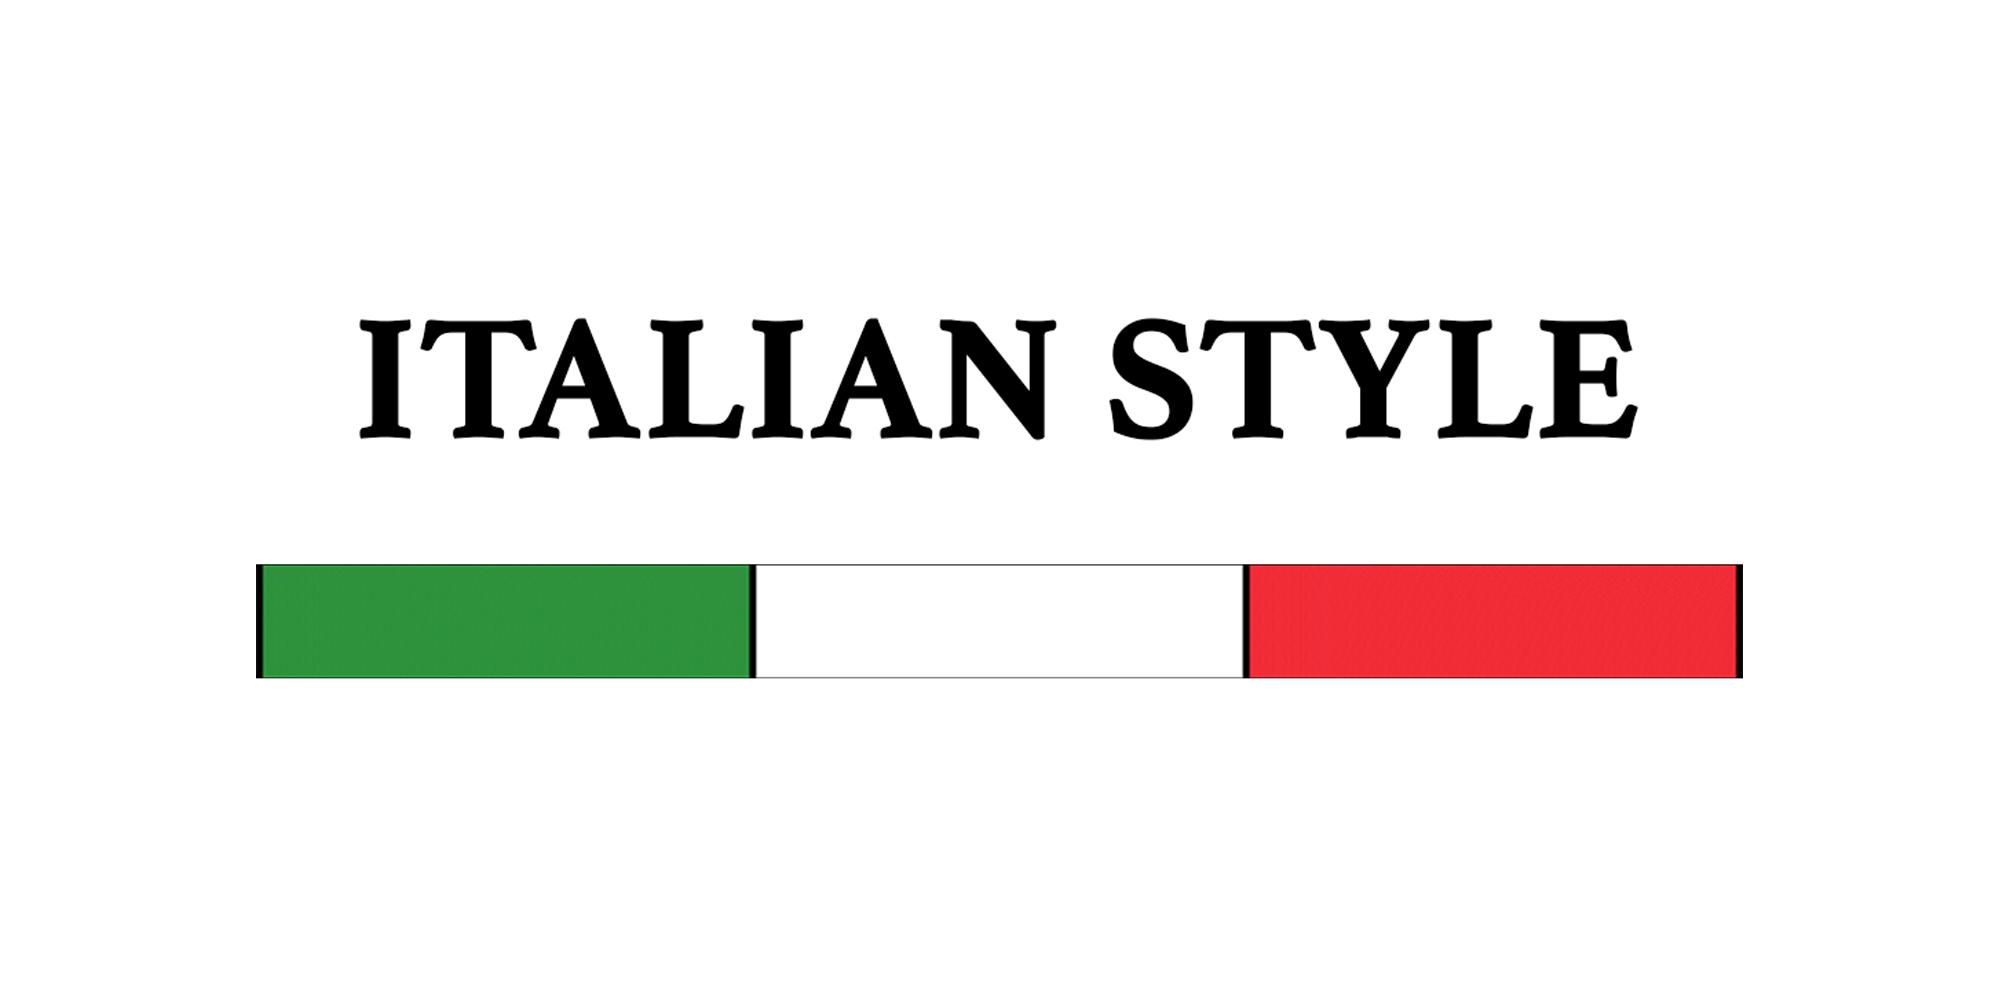 Over Italian Style